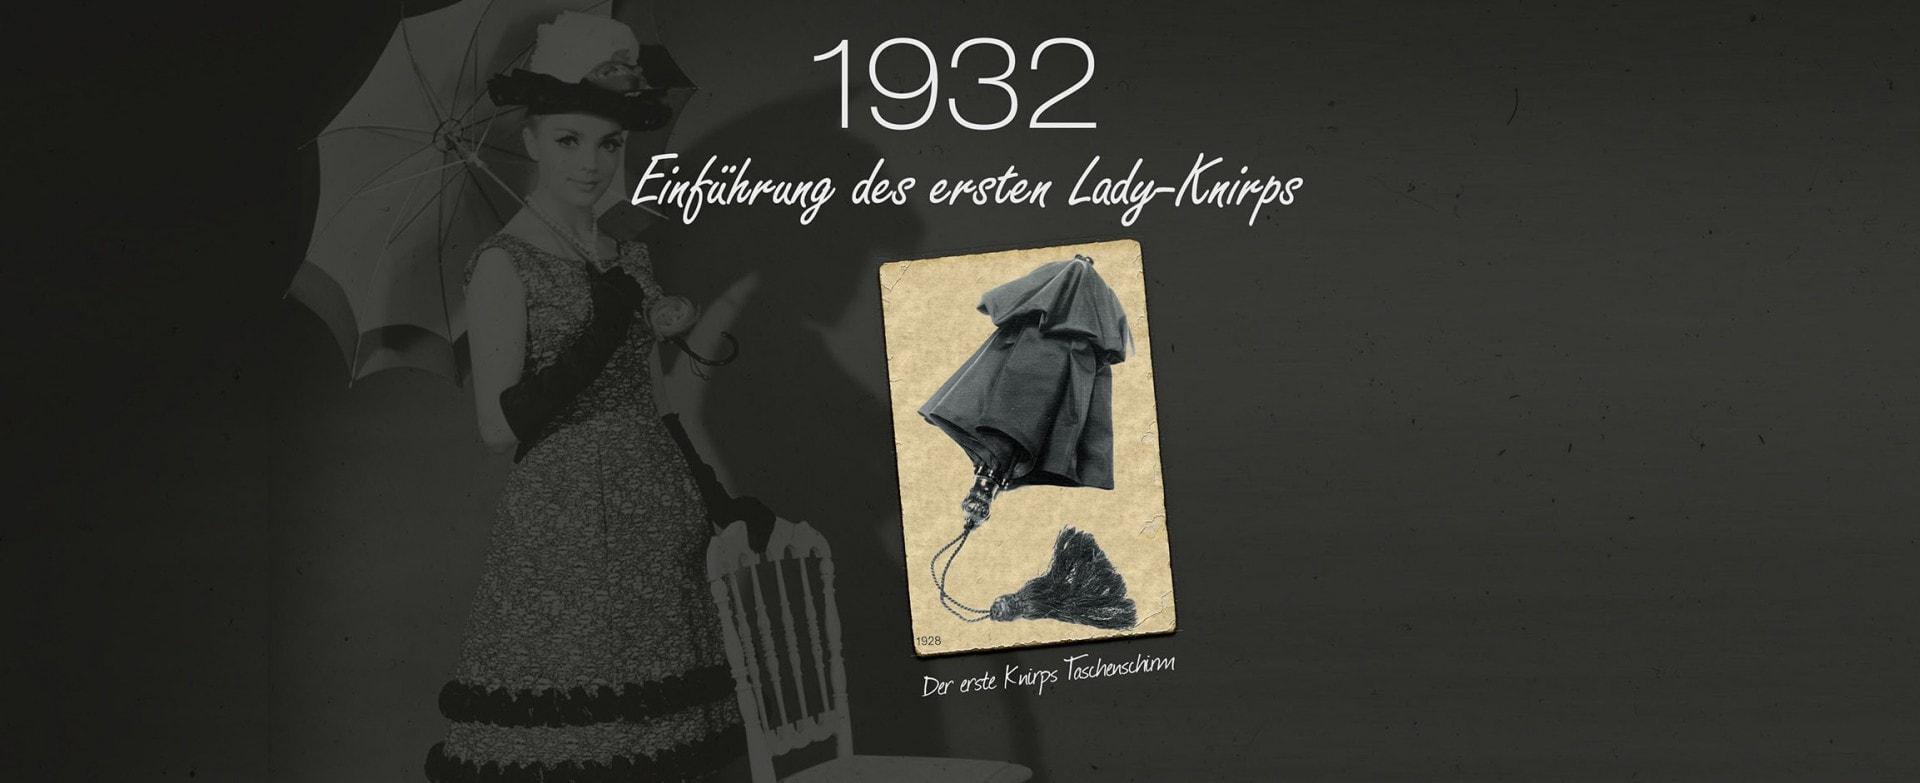 1932-Knirps-Einfuehrung-des-Lady-Knirps_1920x1920